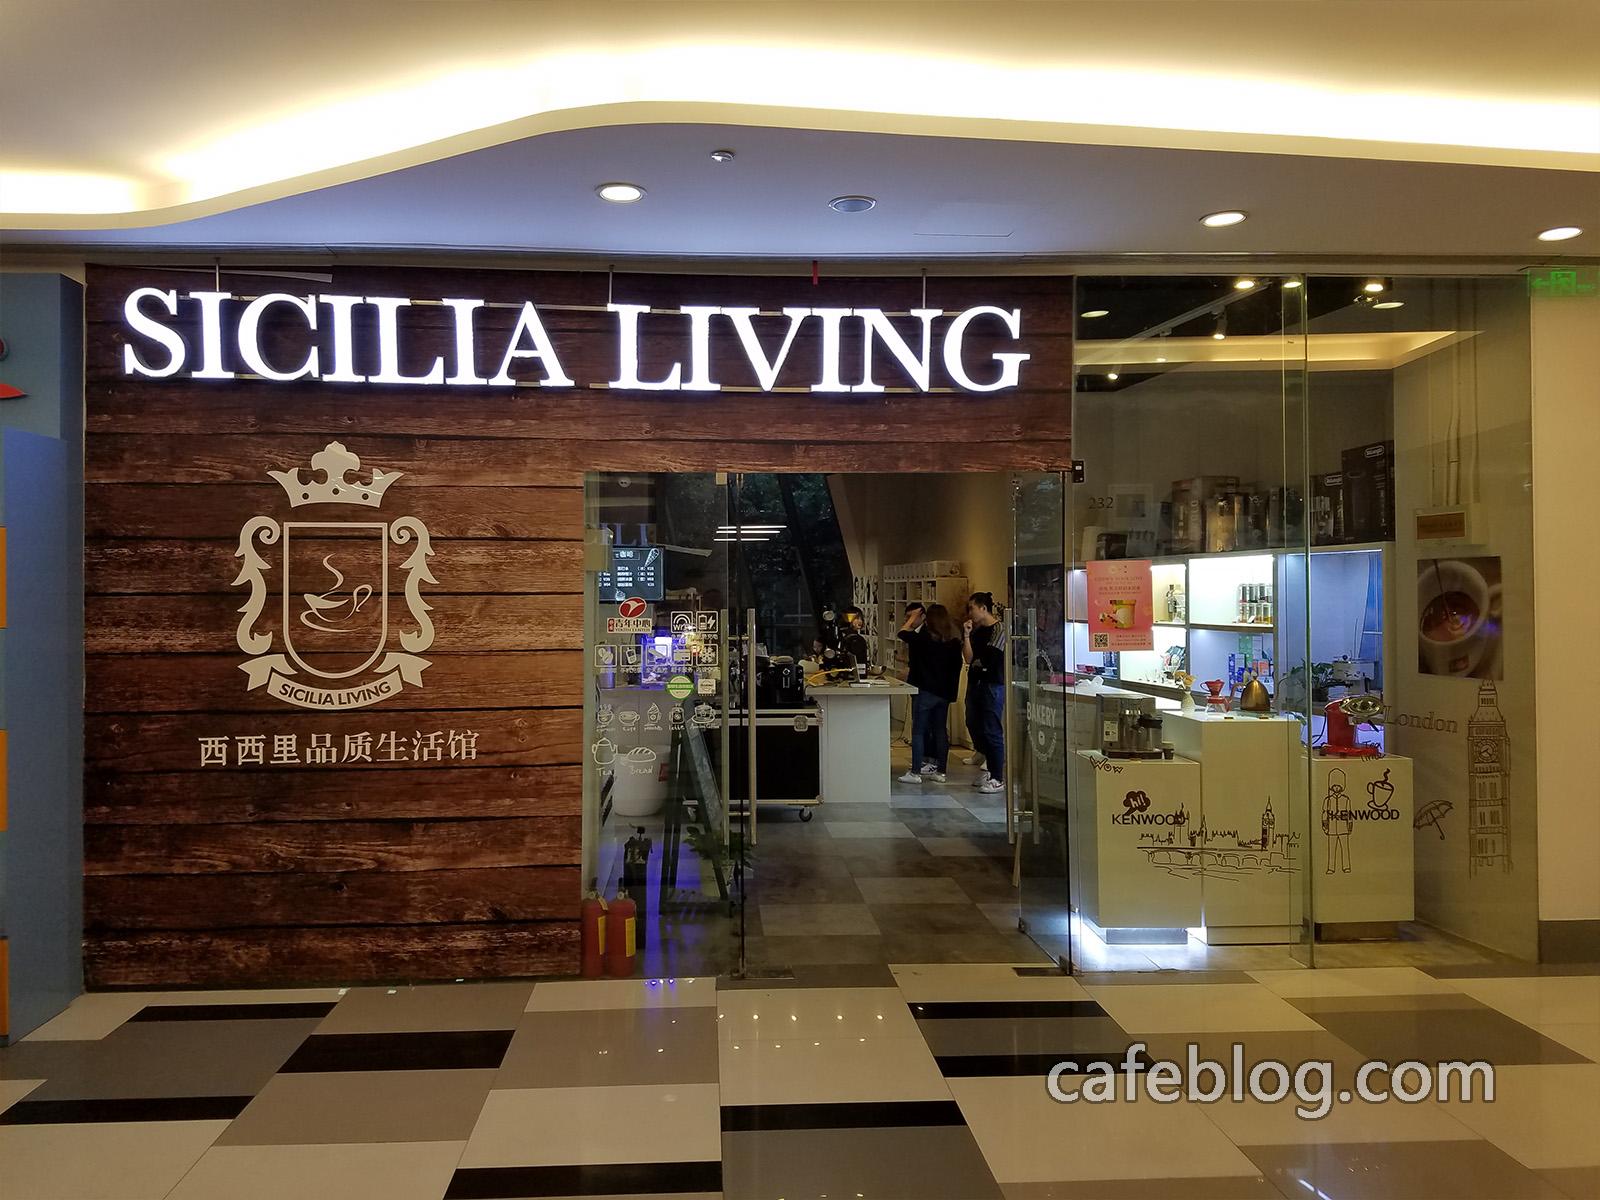 本次安装地址是上海市静安区芷江西路488号 五月花生活广场西区二楼 F232的 西西里品质生活馆(Sicilia Living)